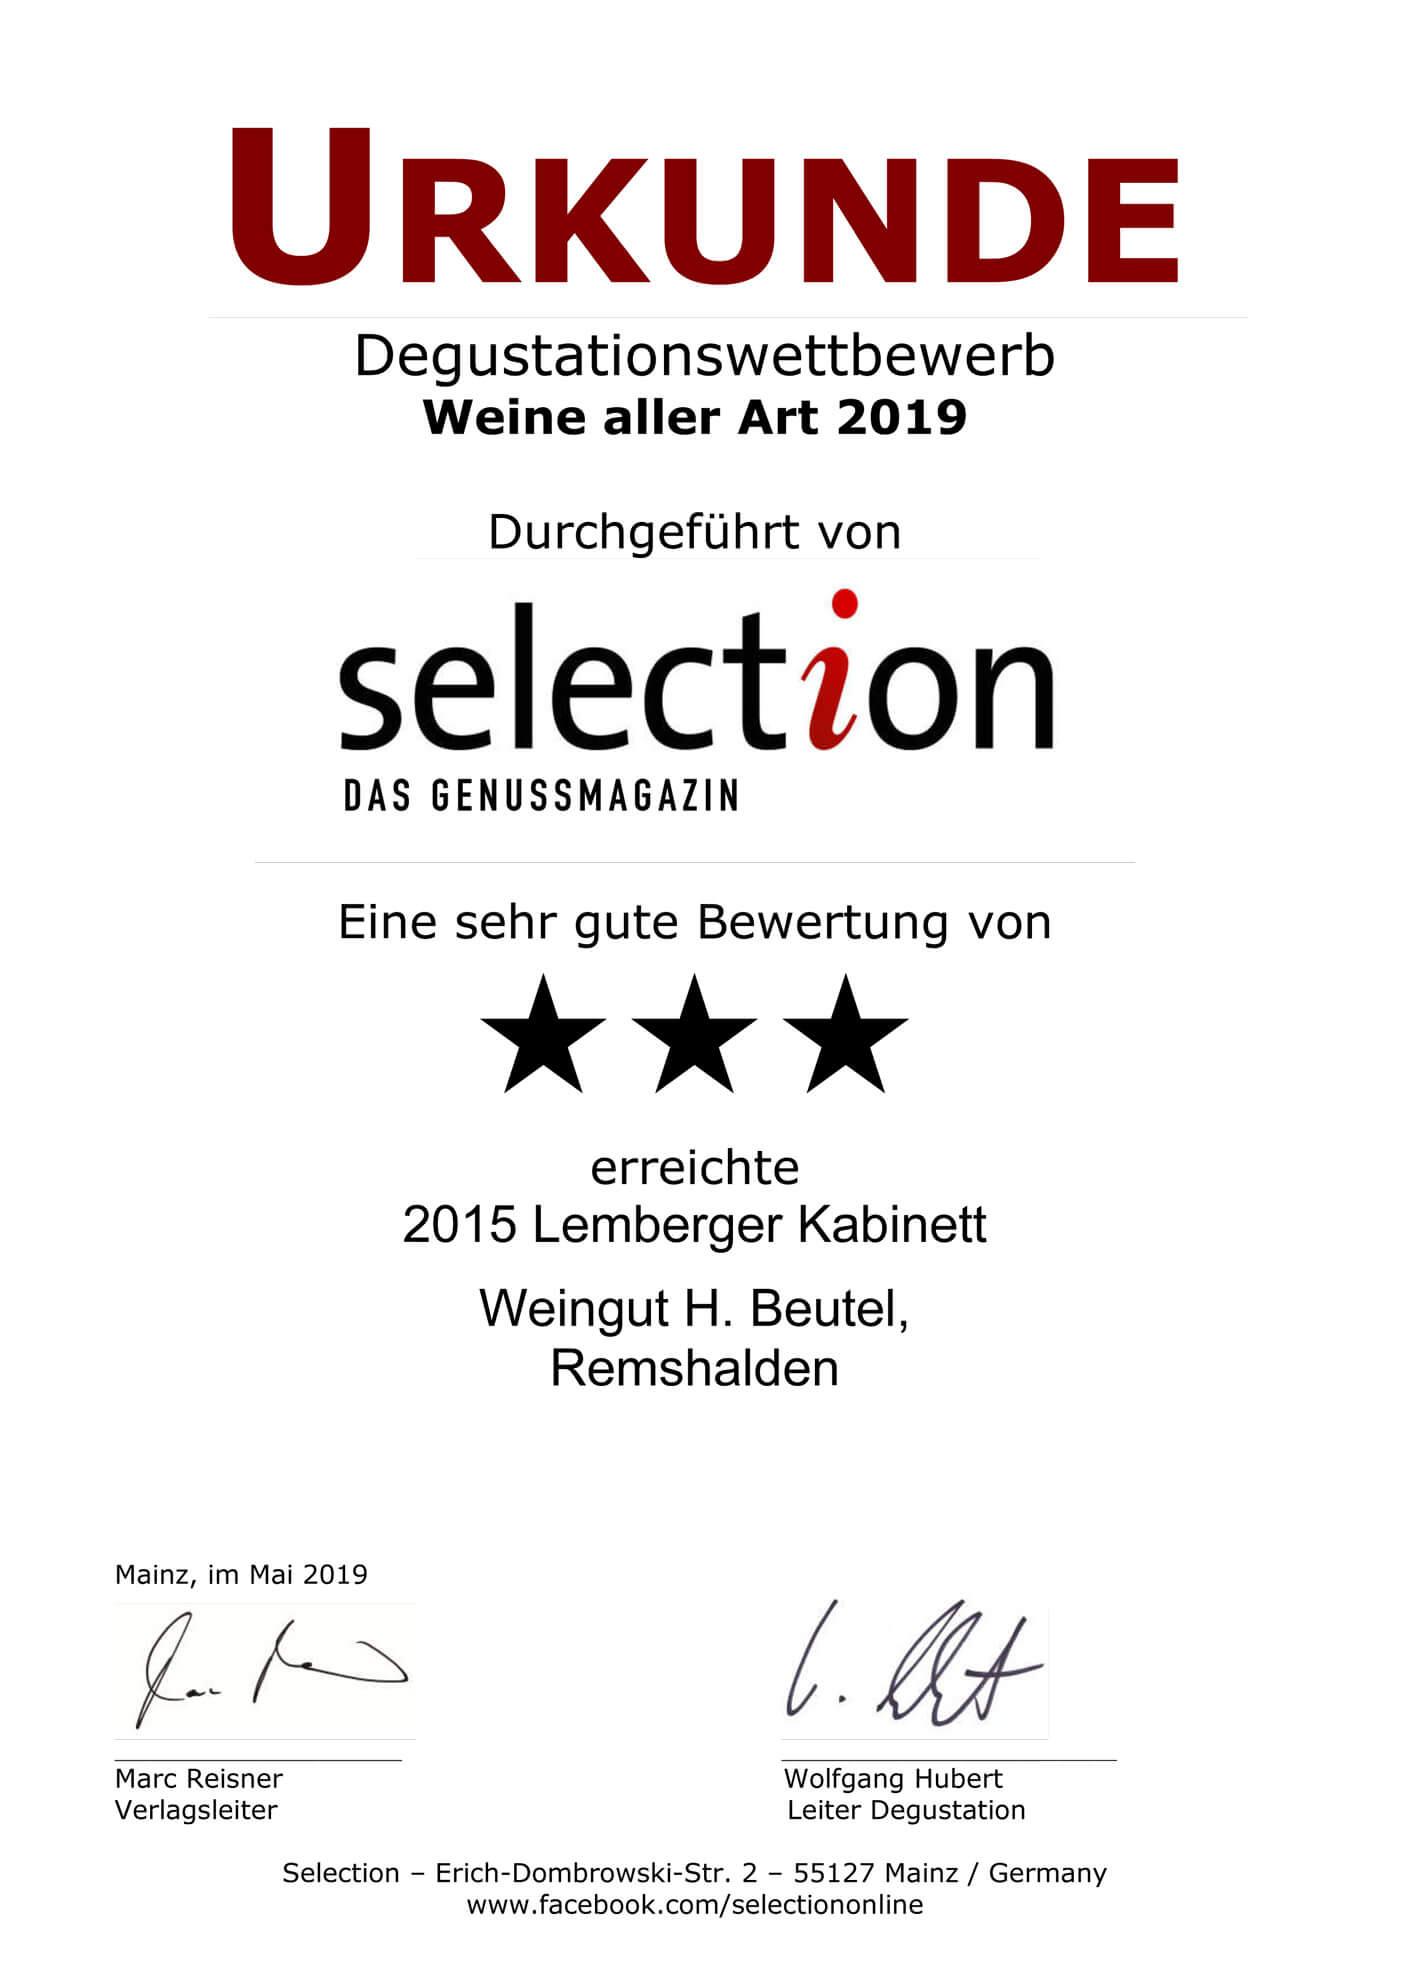 Urkunde SELECTION 2019 Weine aller Art - SEHR GUT - Lemberger Kabinett 2015